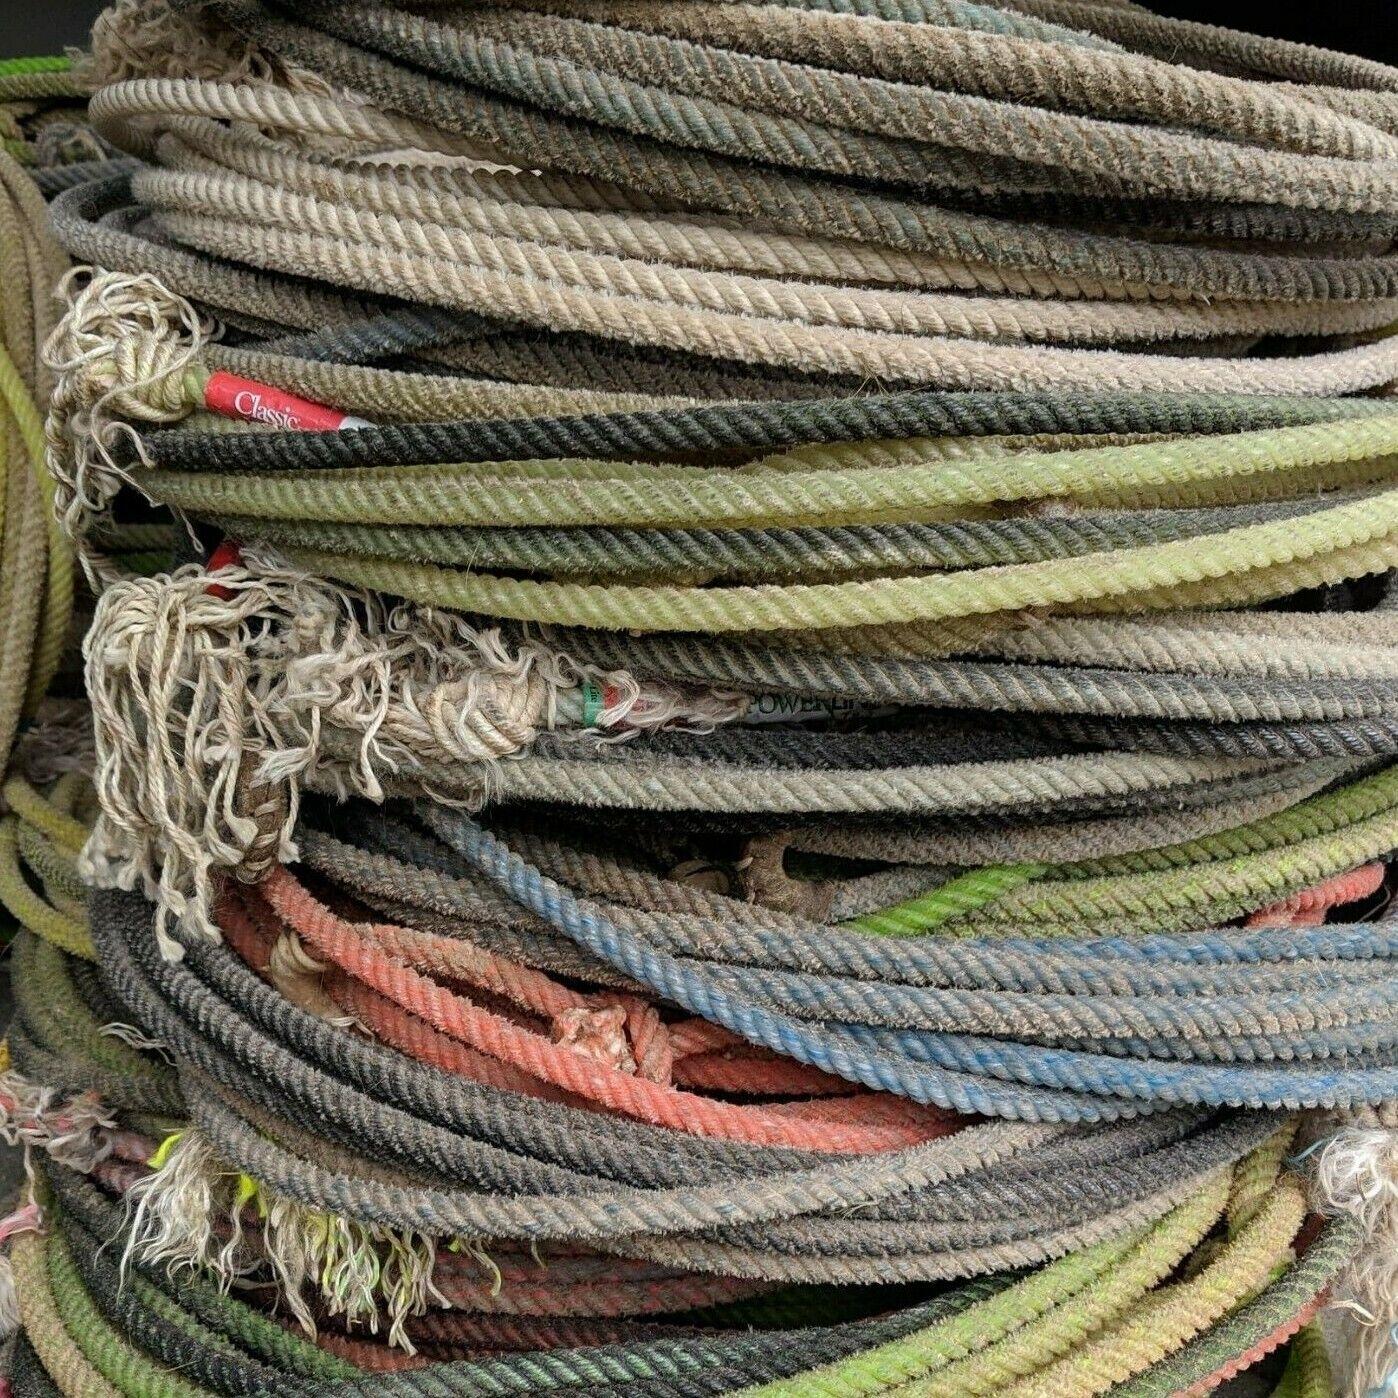 10-Western Cowboy Decoración De Cuerda usado Lariat equipo Cuerda Lasso